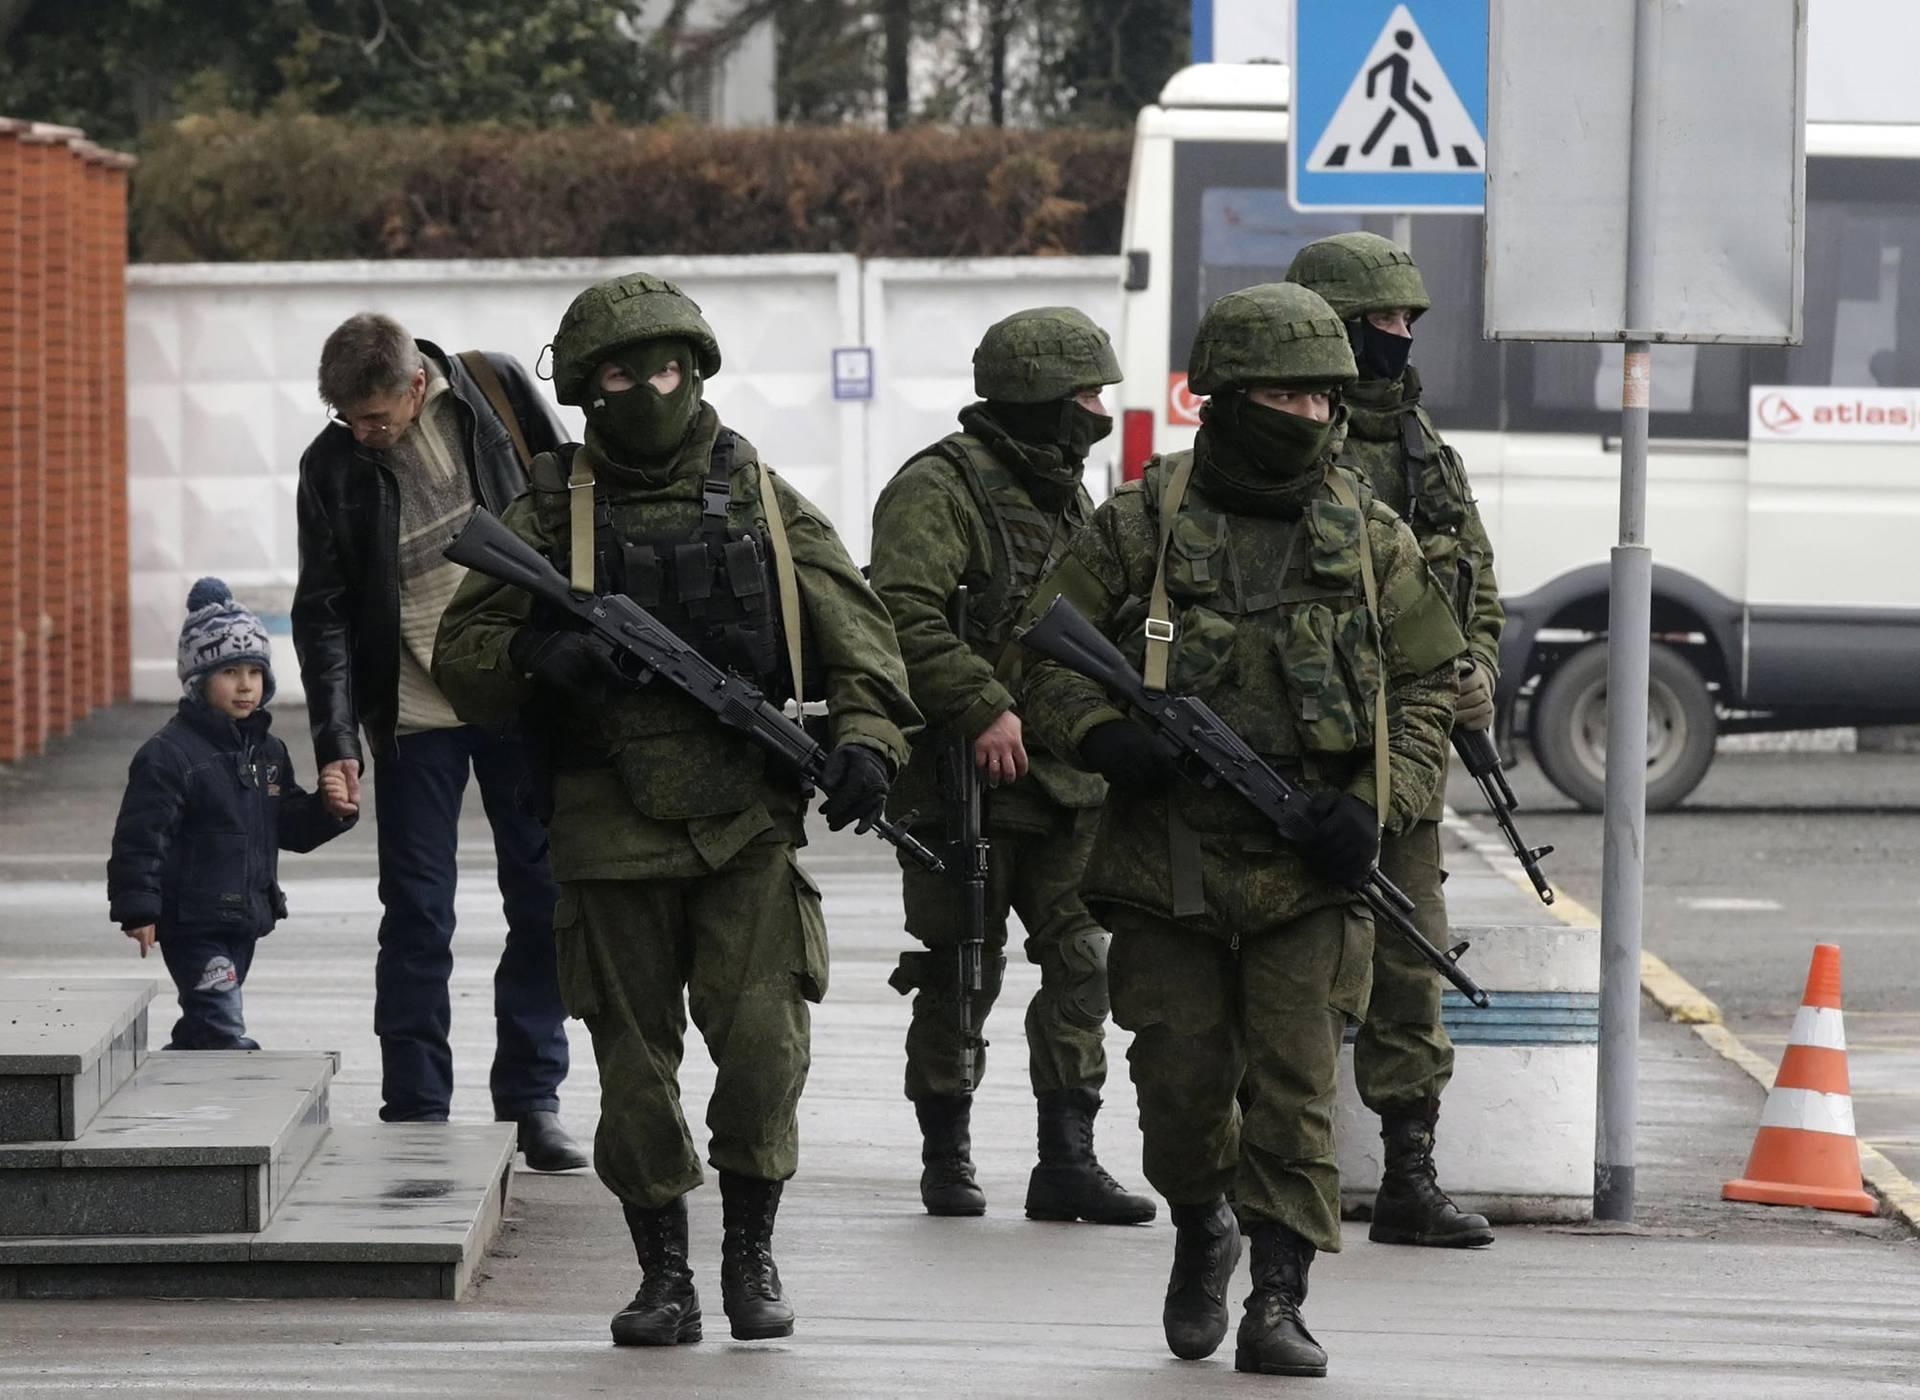 Озброєні російські військові на території Міжнародного аеропорту в Сімферополі, Крим, 28 лютого 2014 року